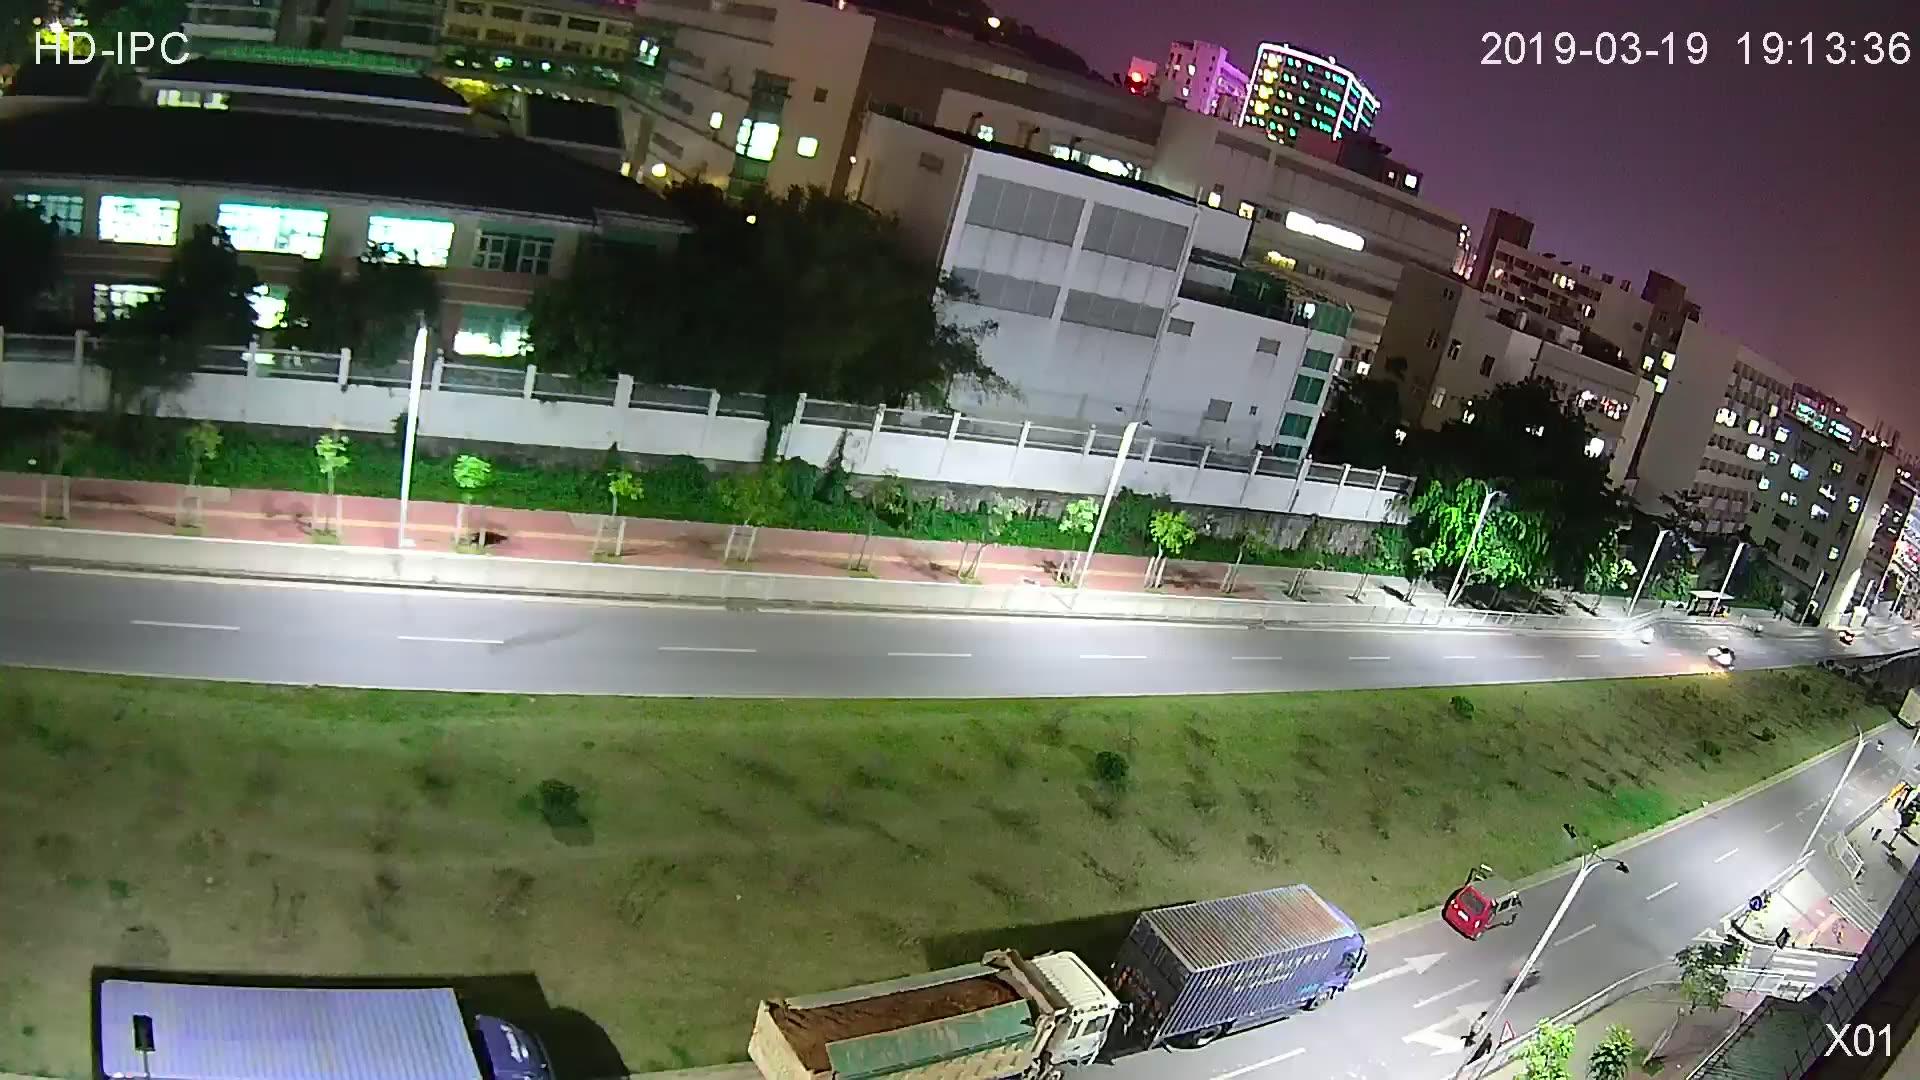 Onvif poe/Wi-Fi ip мини камера starlight ptz с микрофоном и двусторонней аудиосвязкой для использования как в помещении, так и на улице